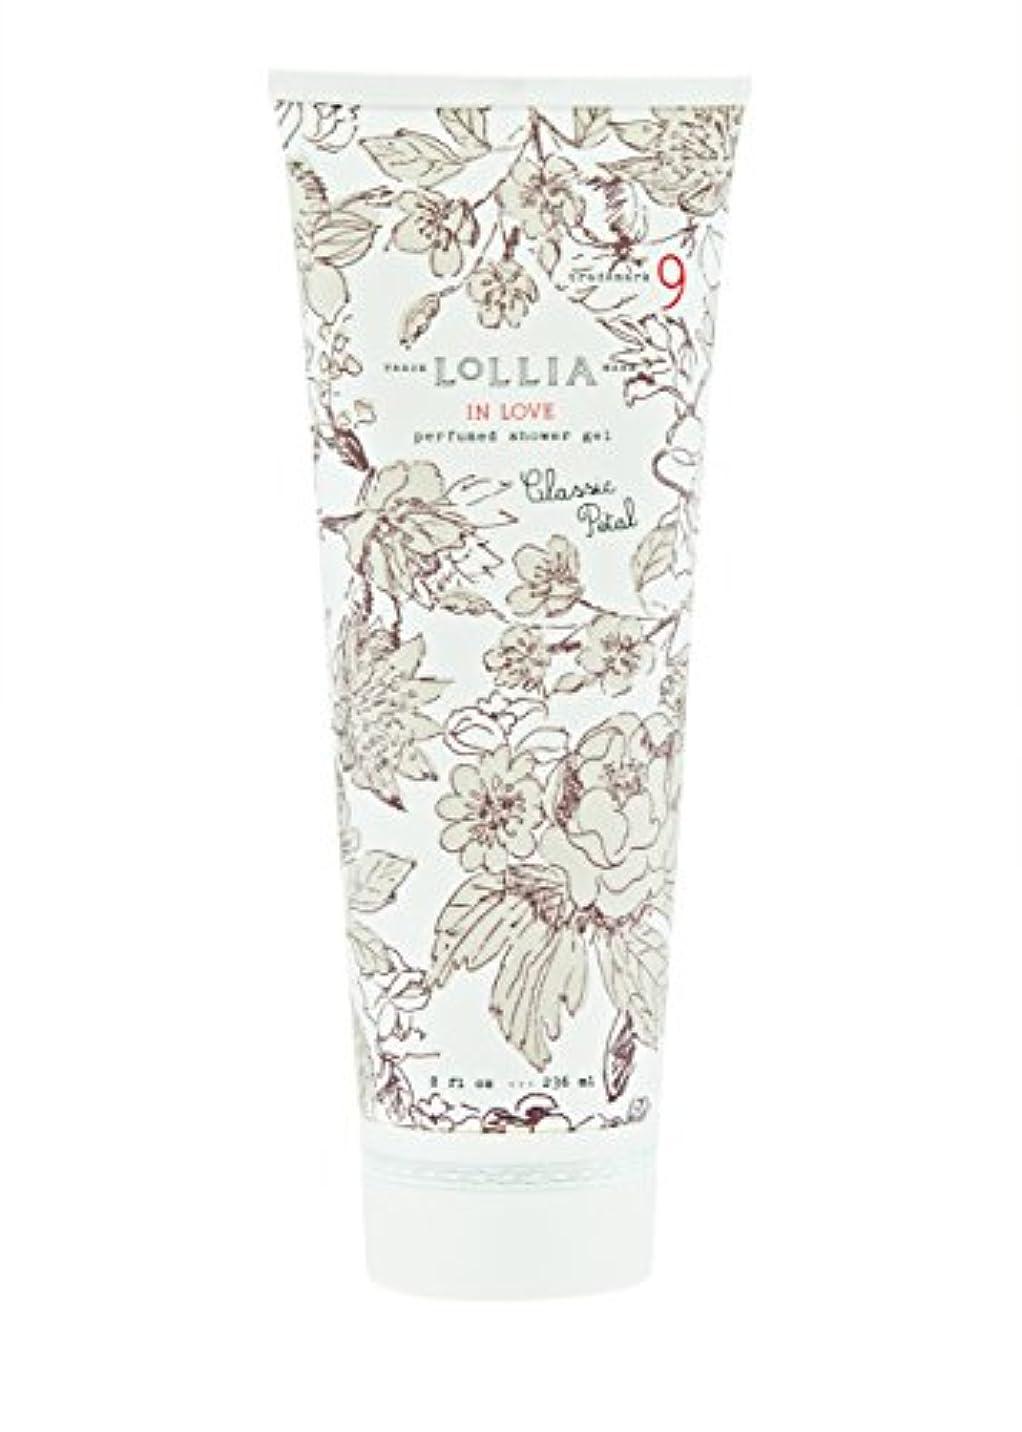 前提条件受粉する反逆者ロリア(LoLLIA) パフュームドシャワージェル InLove 236ml(全身用洗浄料 ボディーソープ アップルブロッサム、ジャスミン、ローズのフルーティで爽やかな香り)